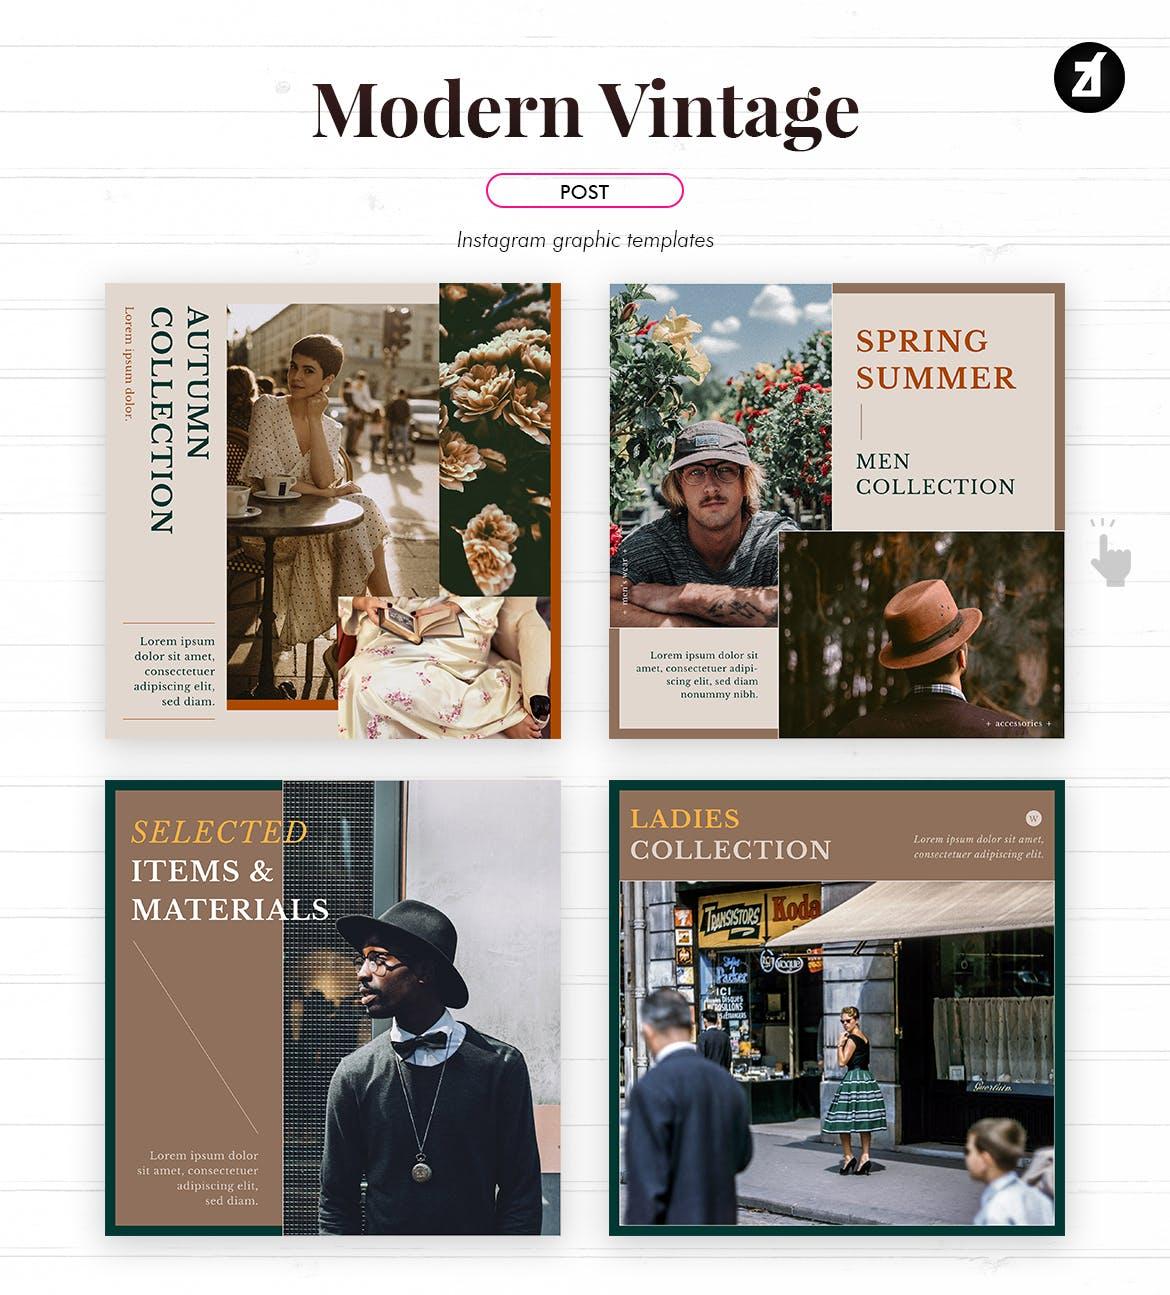 现代复古服装品牌推广新媒体电商海报PSD模板 Modern Vintage Social Media Graphic Templates插图3